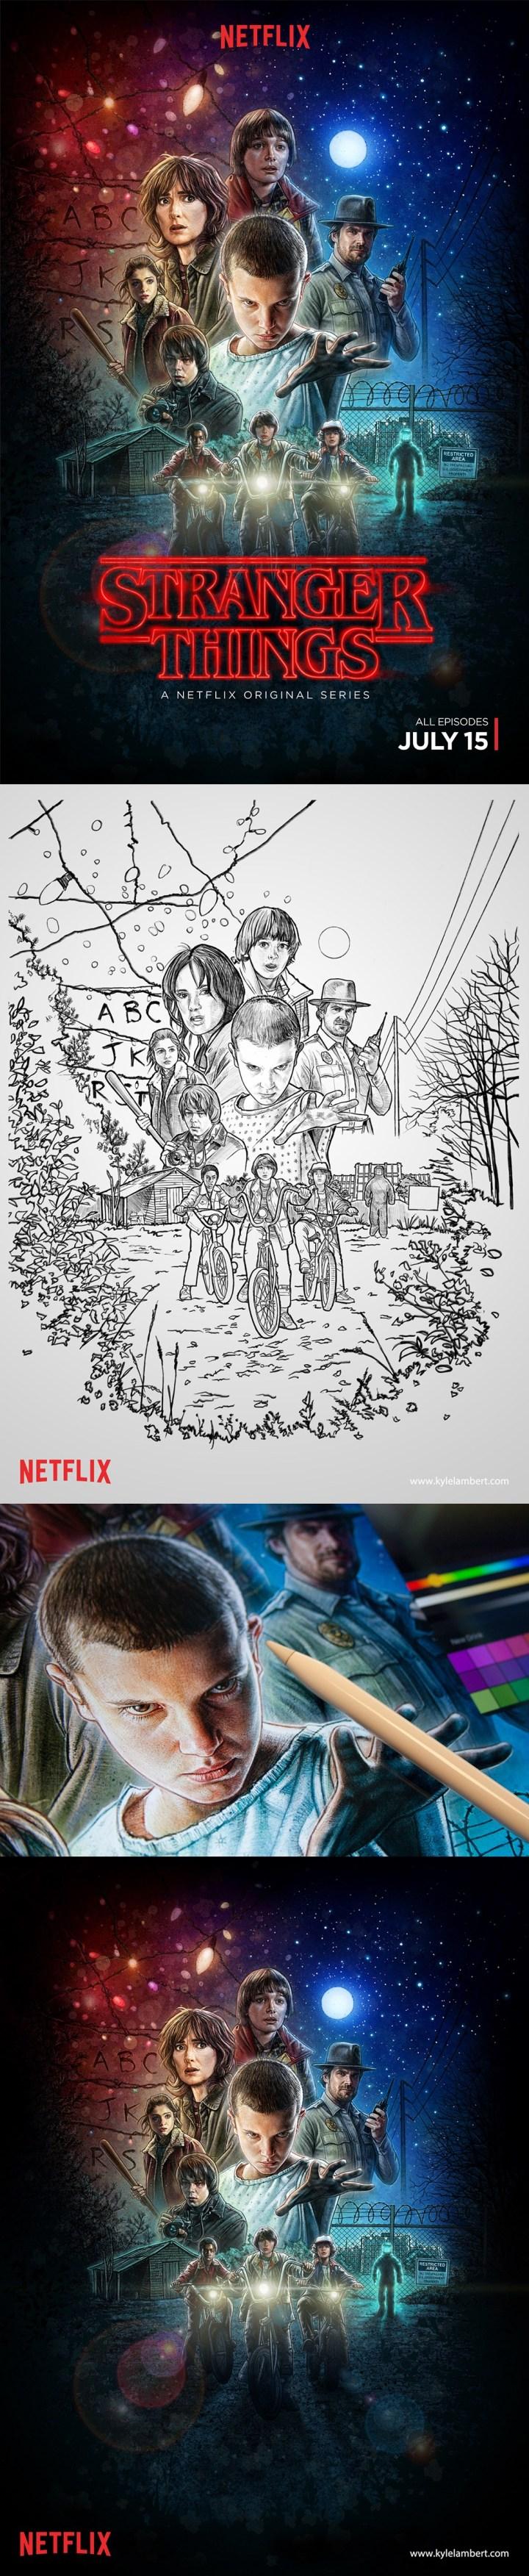 strangerthings-poster